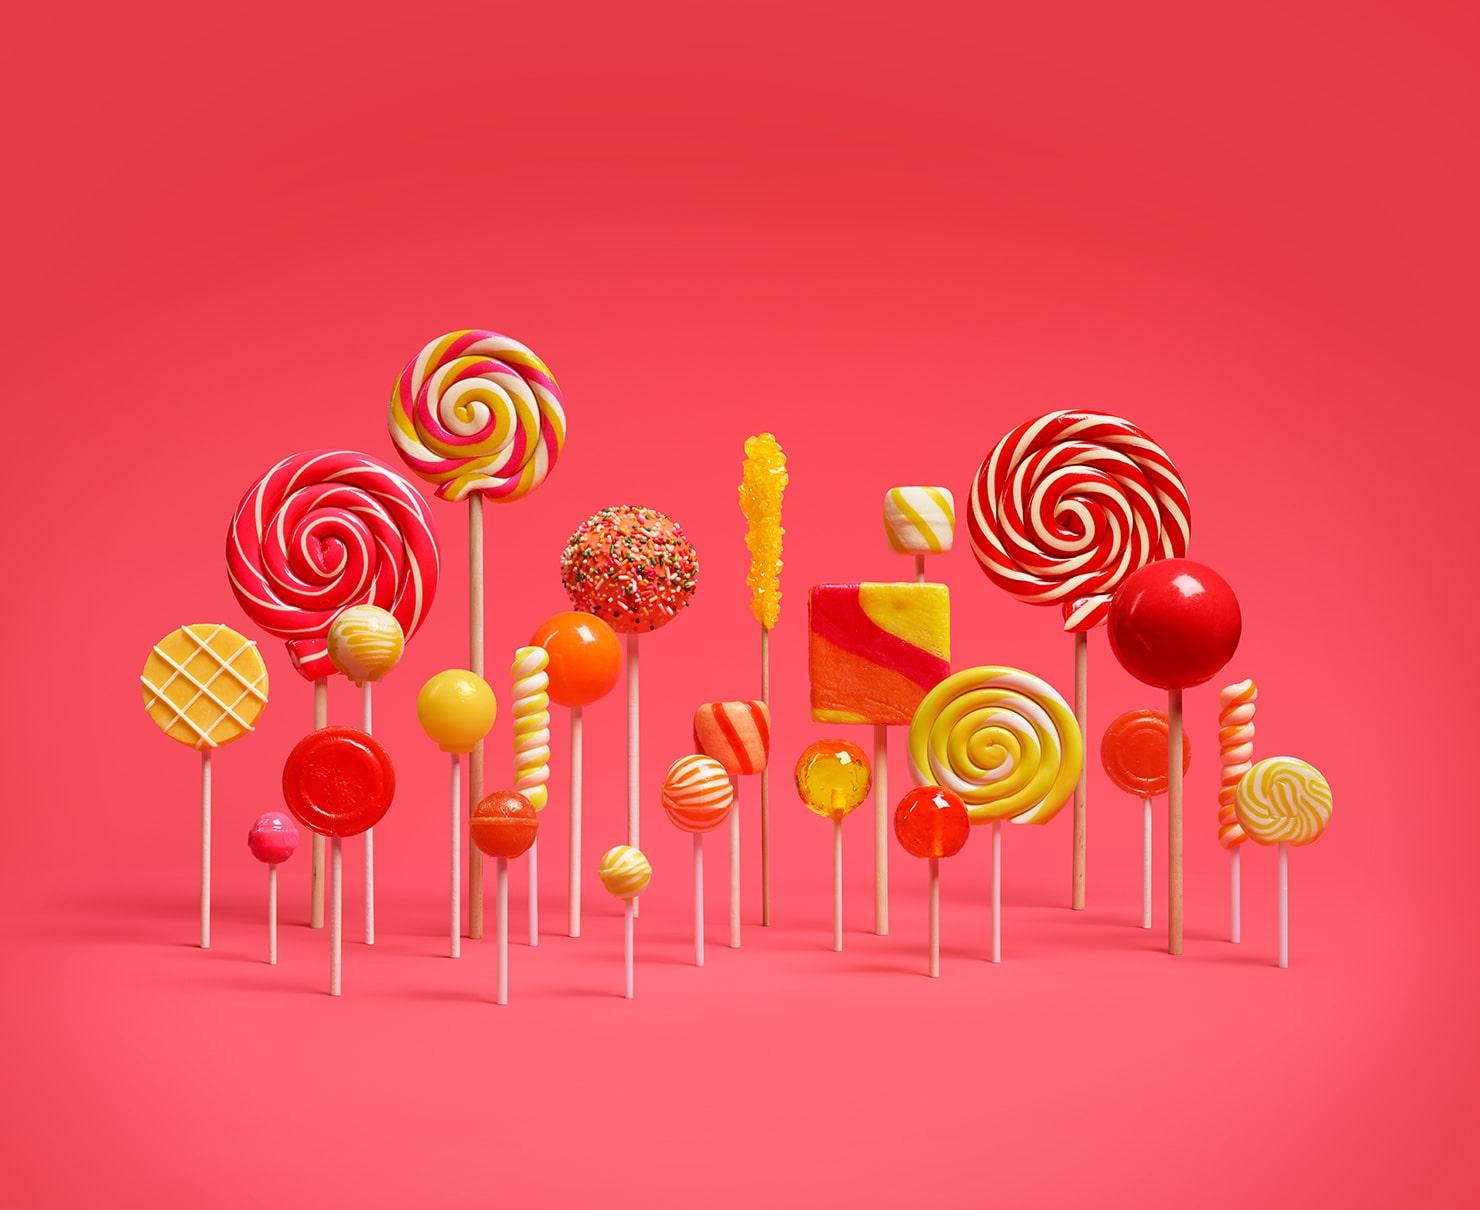 Wallpaper Lollipop Hd